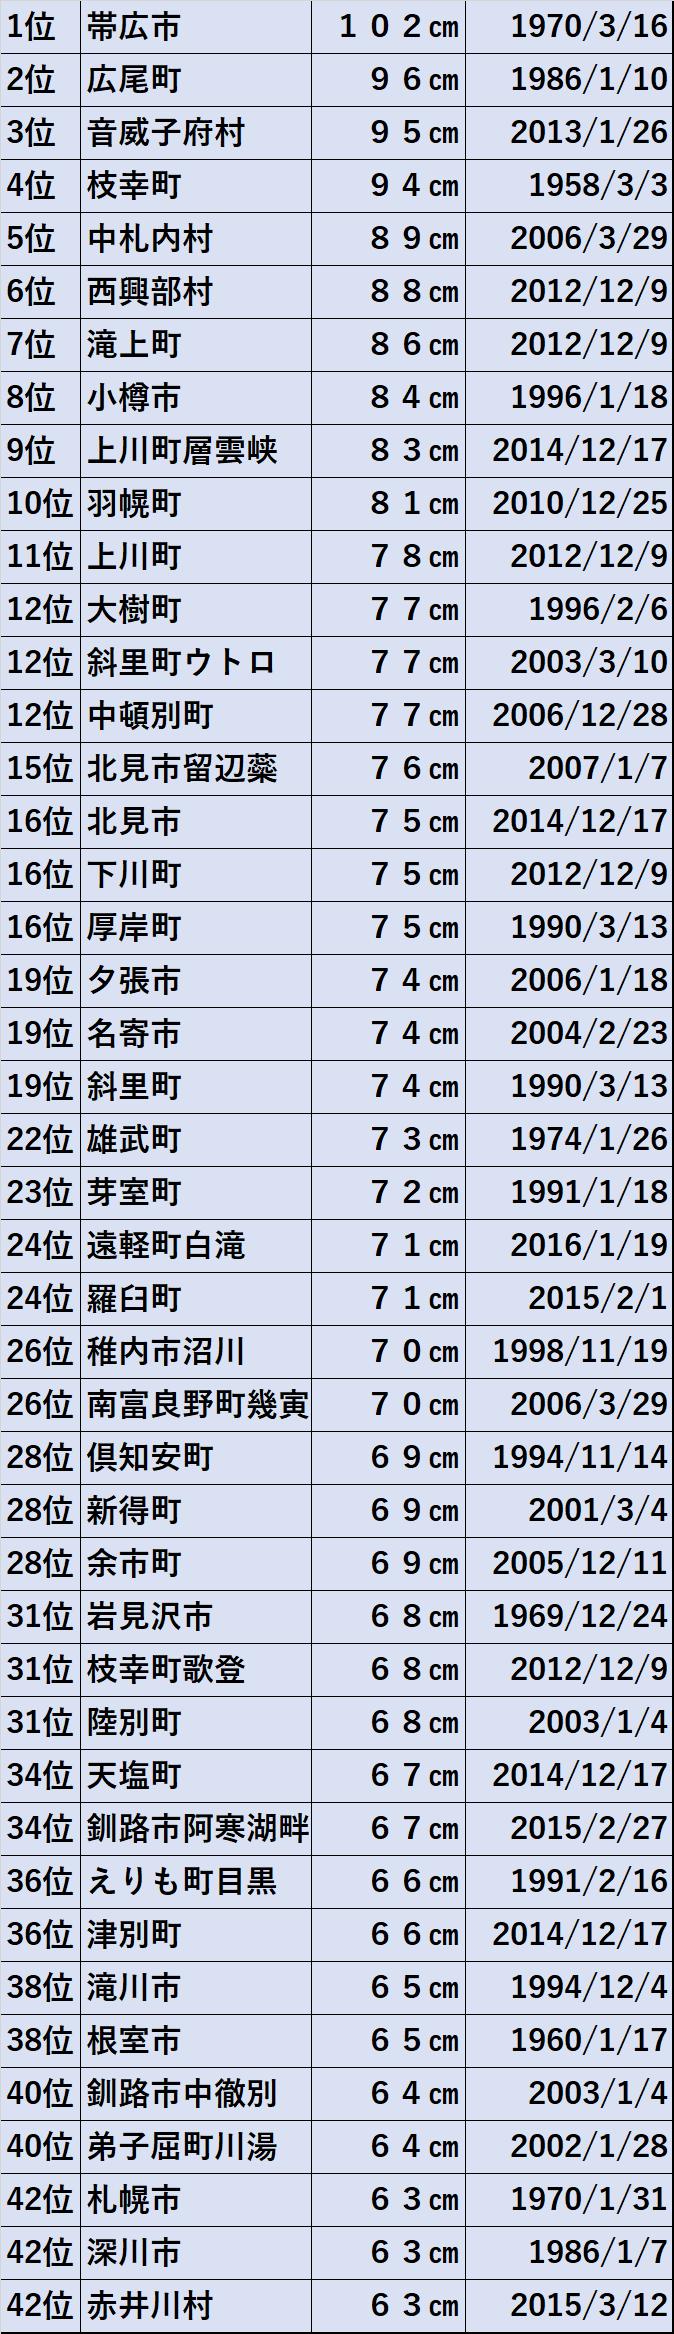 ドカ雪ランキンング札幌は42位タイ